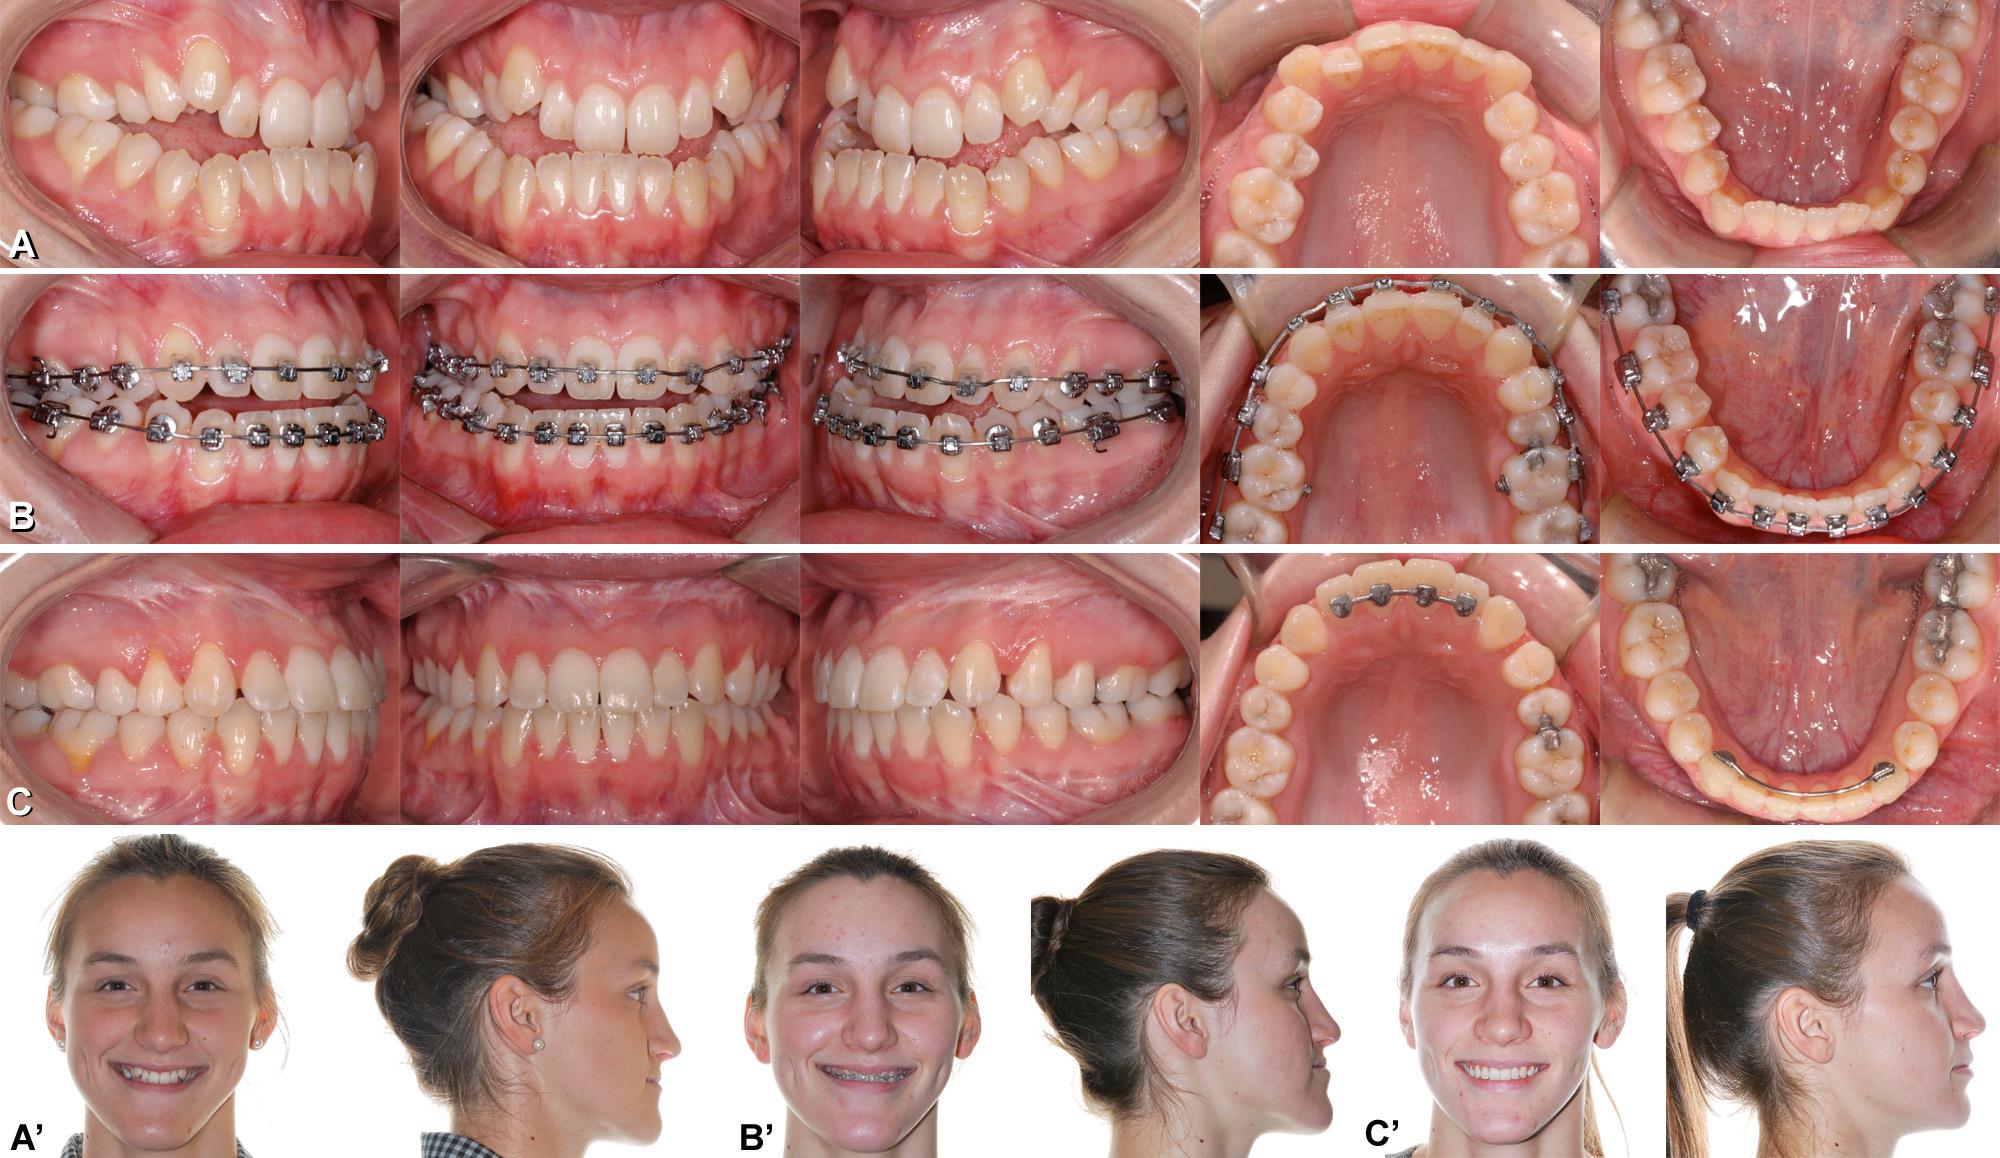 Malocclusion classe 3 III avec prognathie mandibulaire et déficience maxillaire corrigée par chirurgie orthognathique. Class 3 jaw surgery